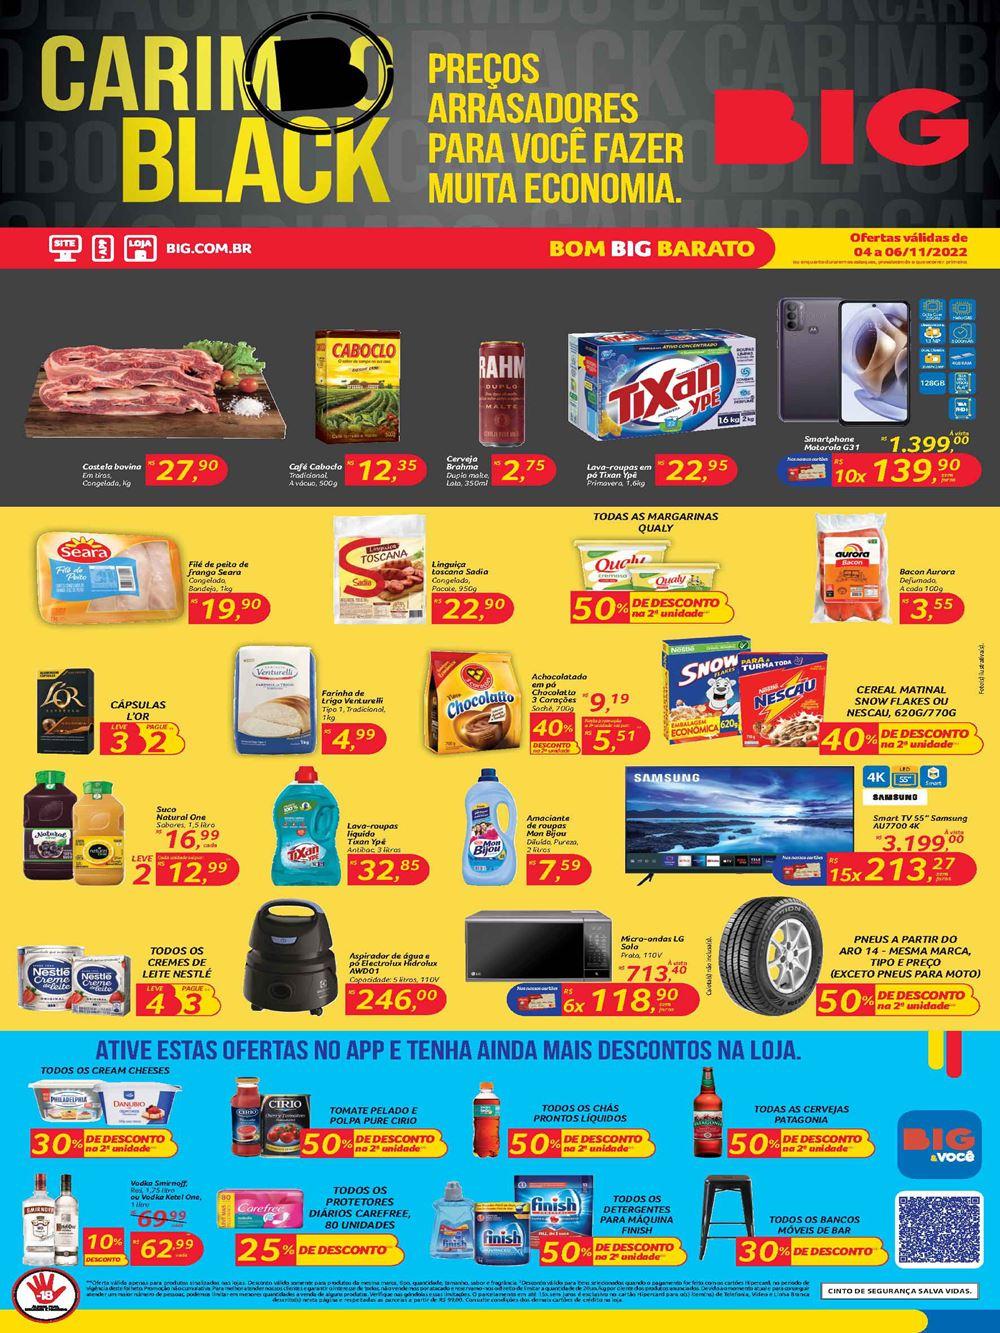 big-ofertas-descontos-hoje1-223 Bahia